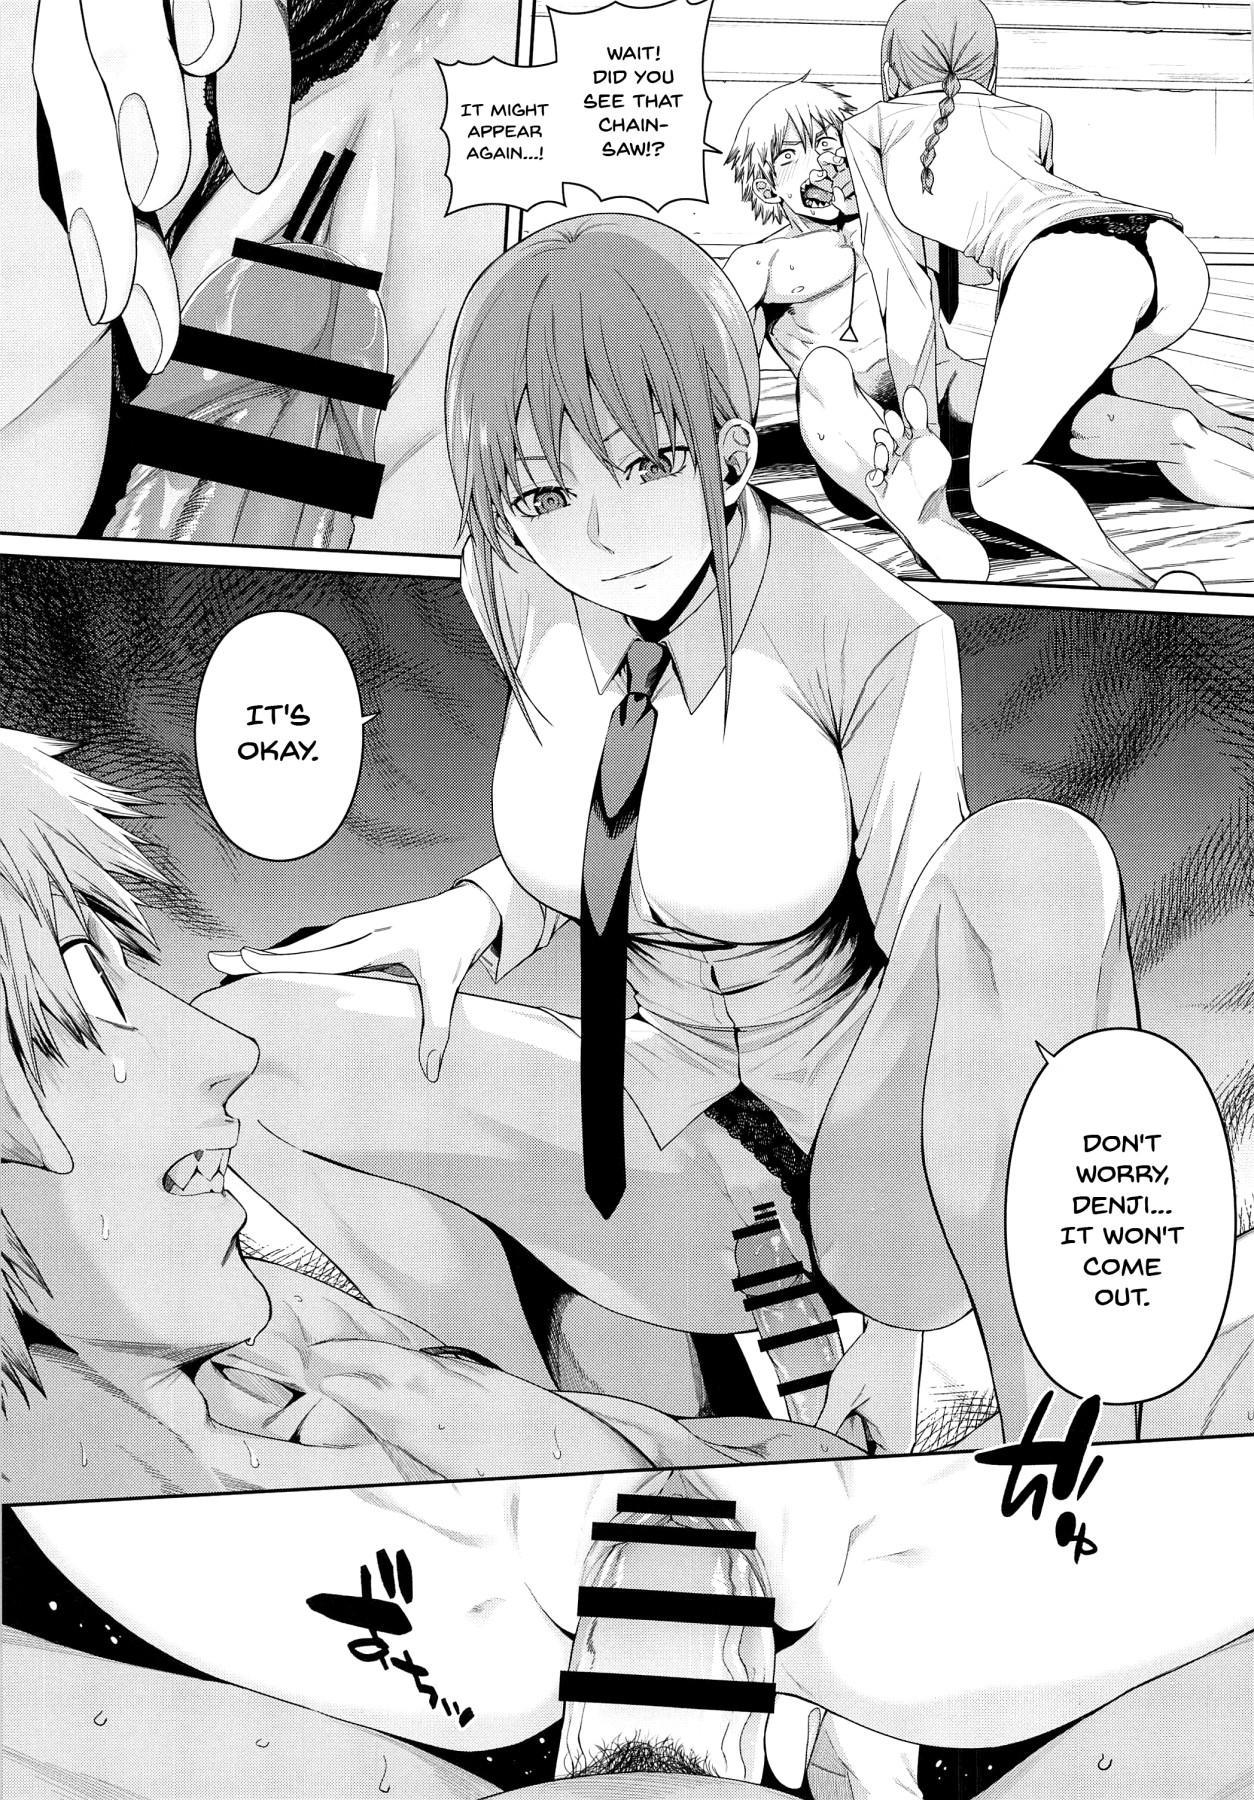 Kusarinoko Katsurei | Chainsaw Circumcision 7